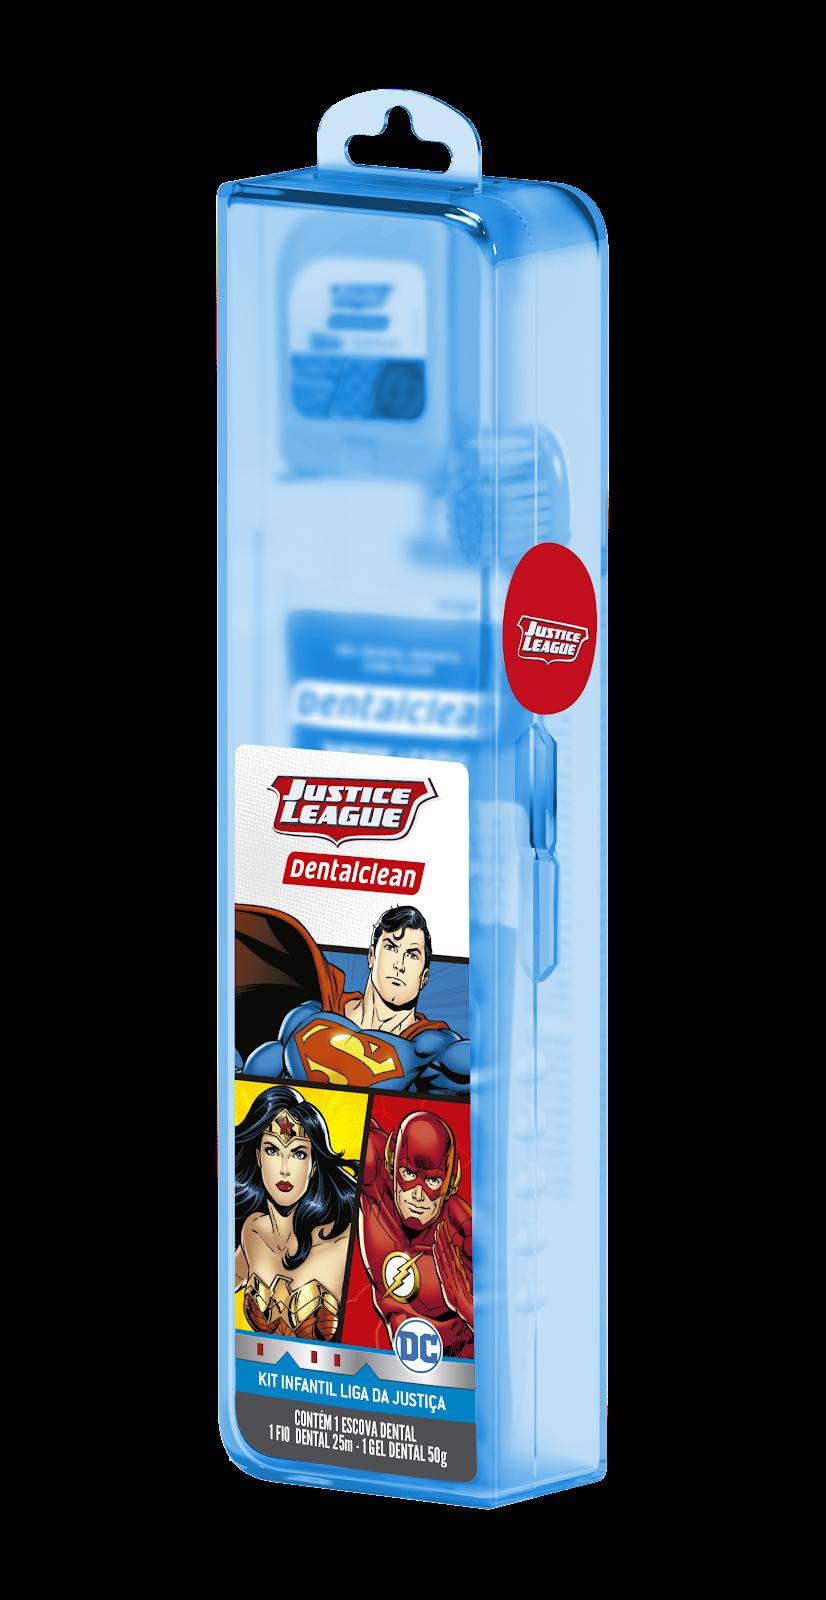 Escova de dente infantil liga da justiça